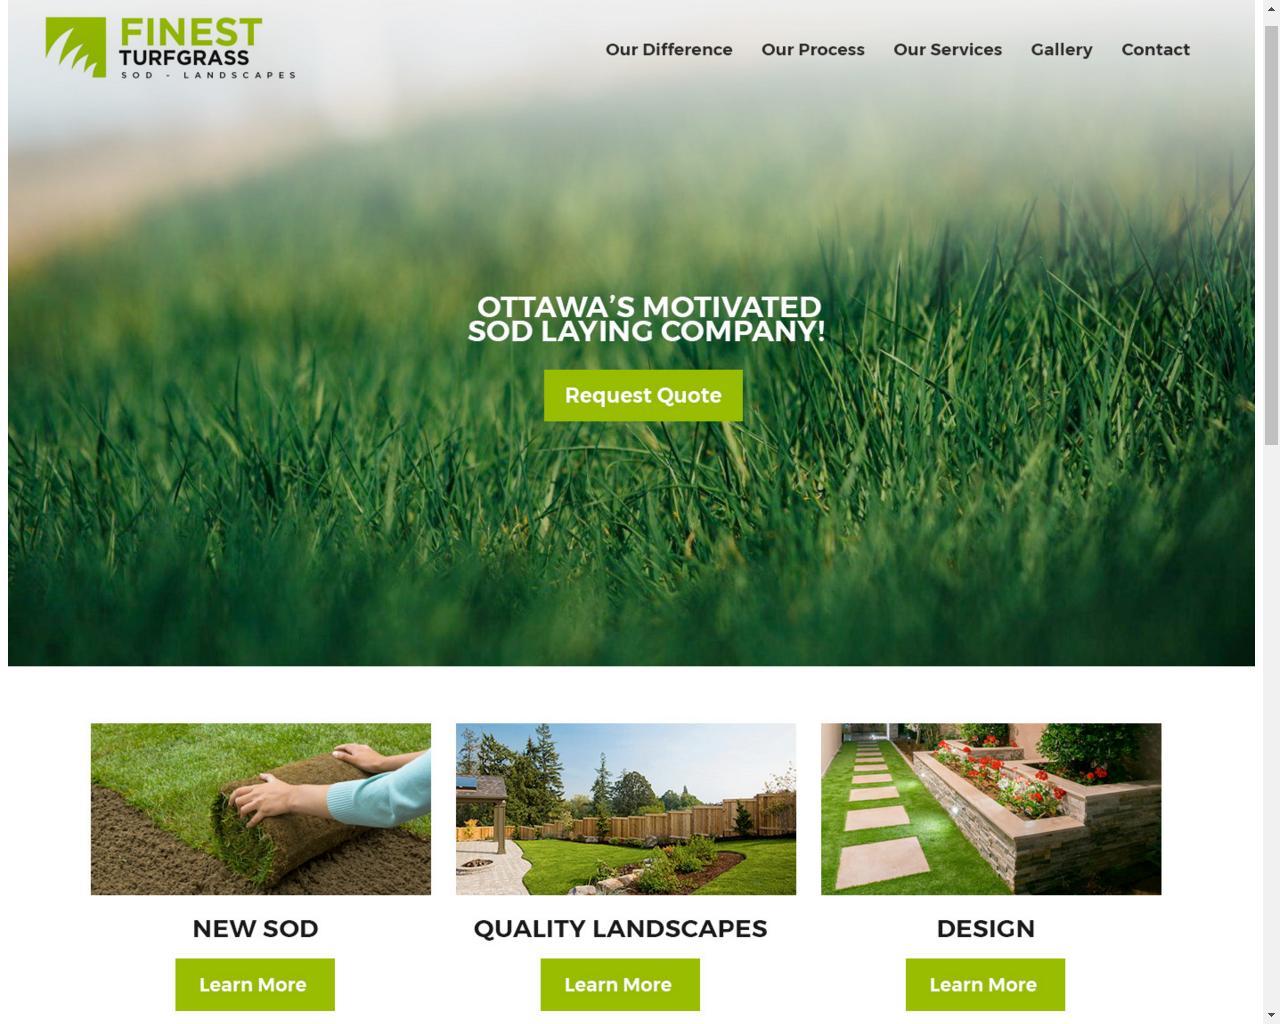 finestturfgrass